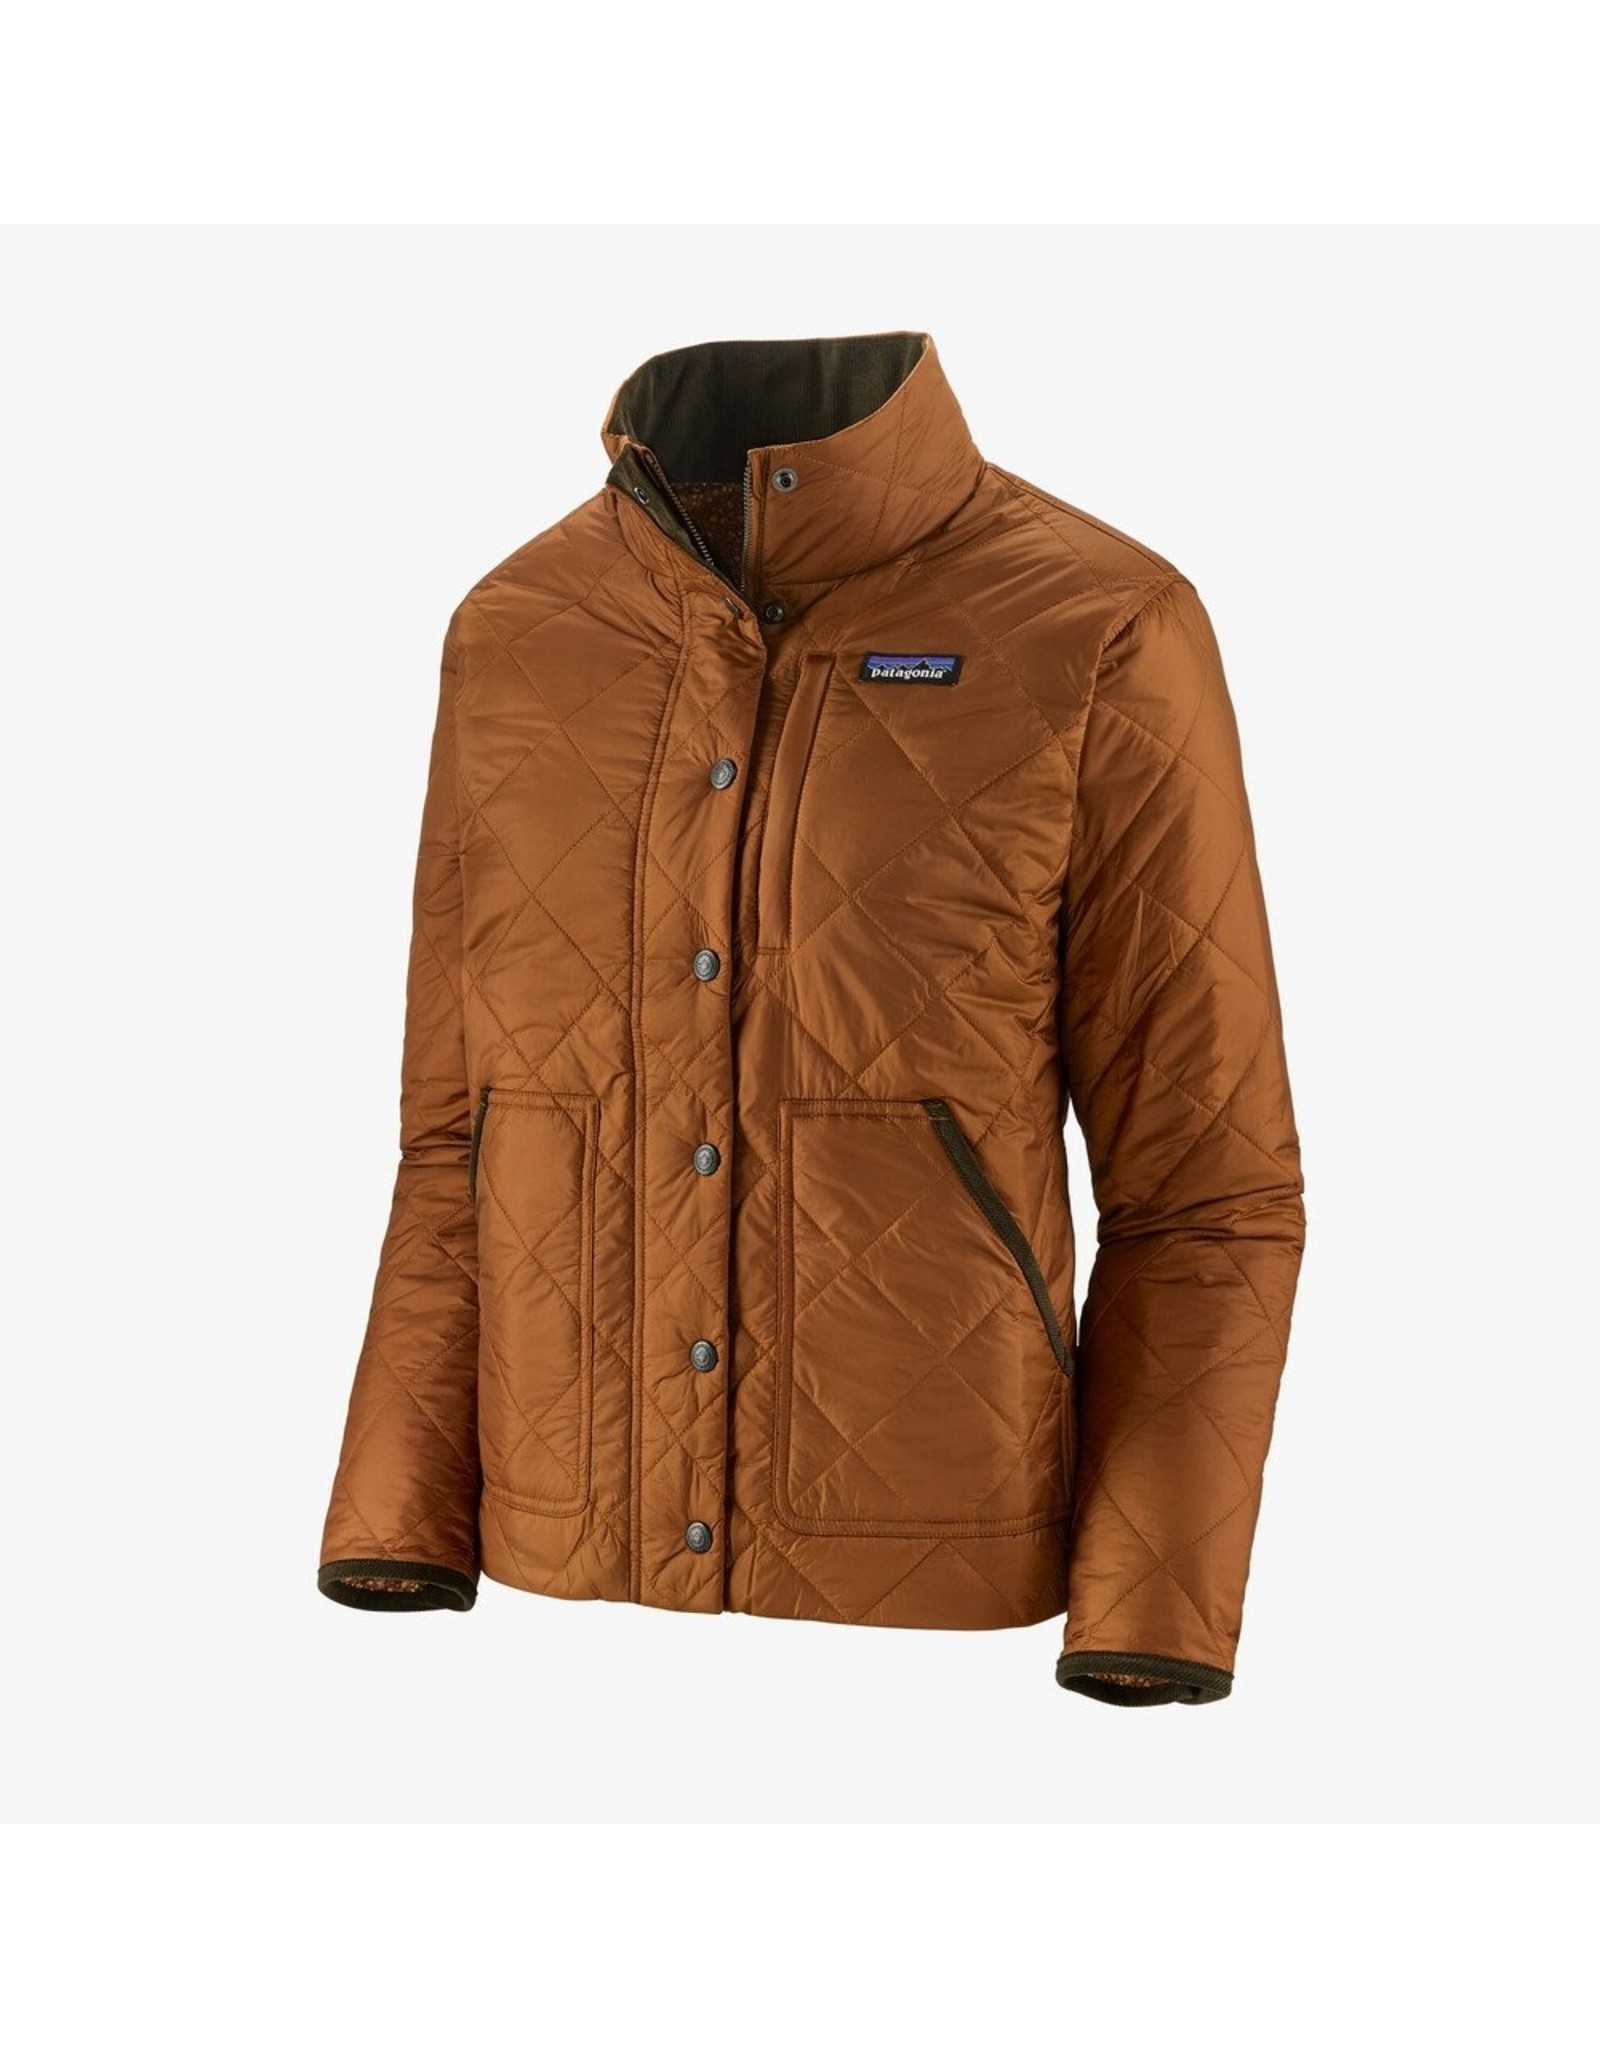 Patagonia Patagonia - W's Back Pasture Jacket